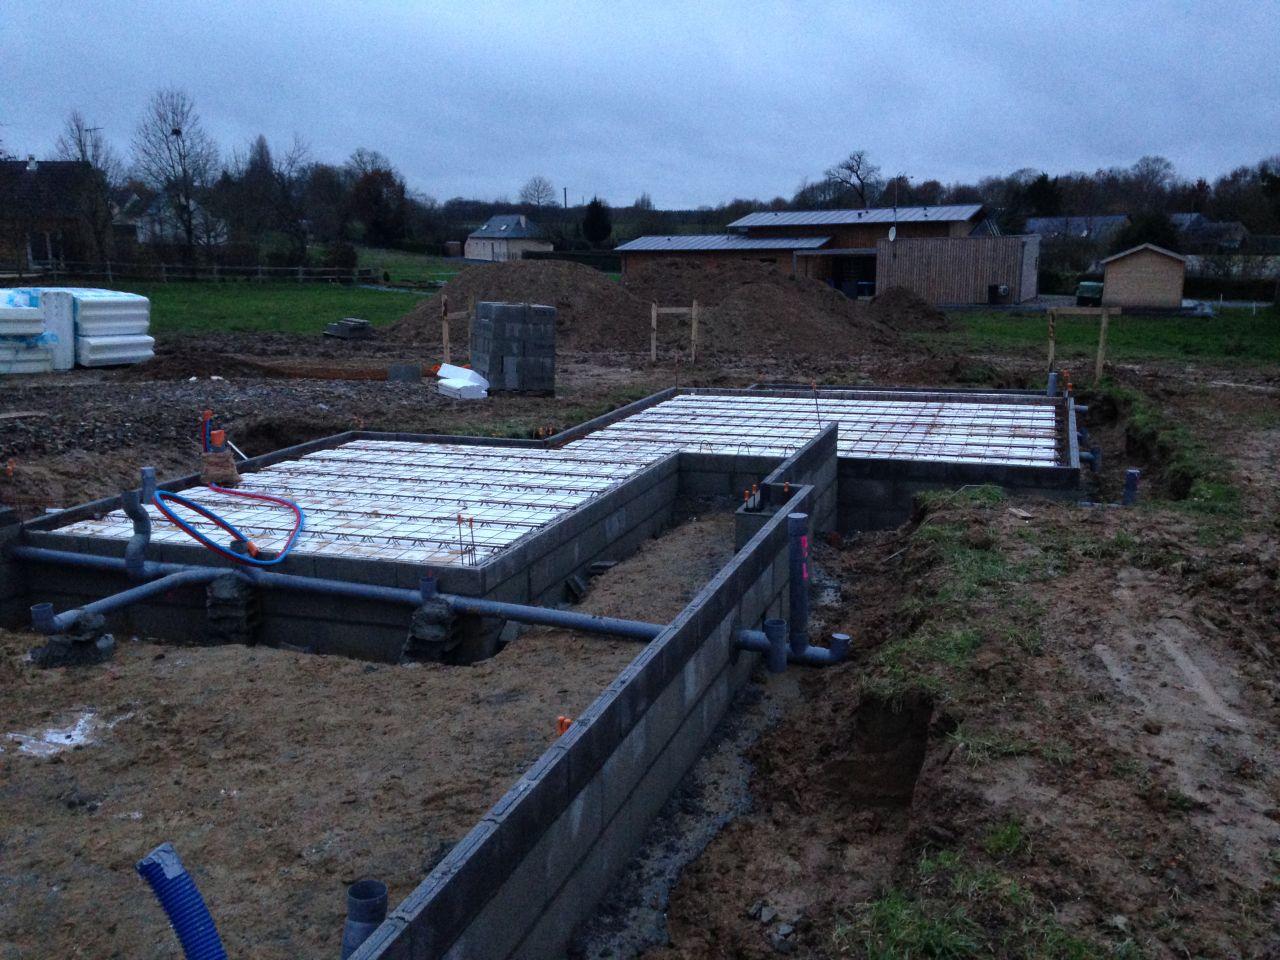 Mise en place de l'isolant au sol et des évacuations d'eaux pluviales et eaux usées